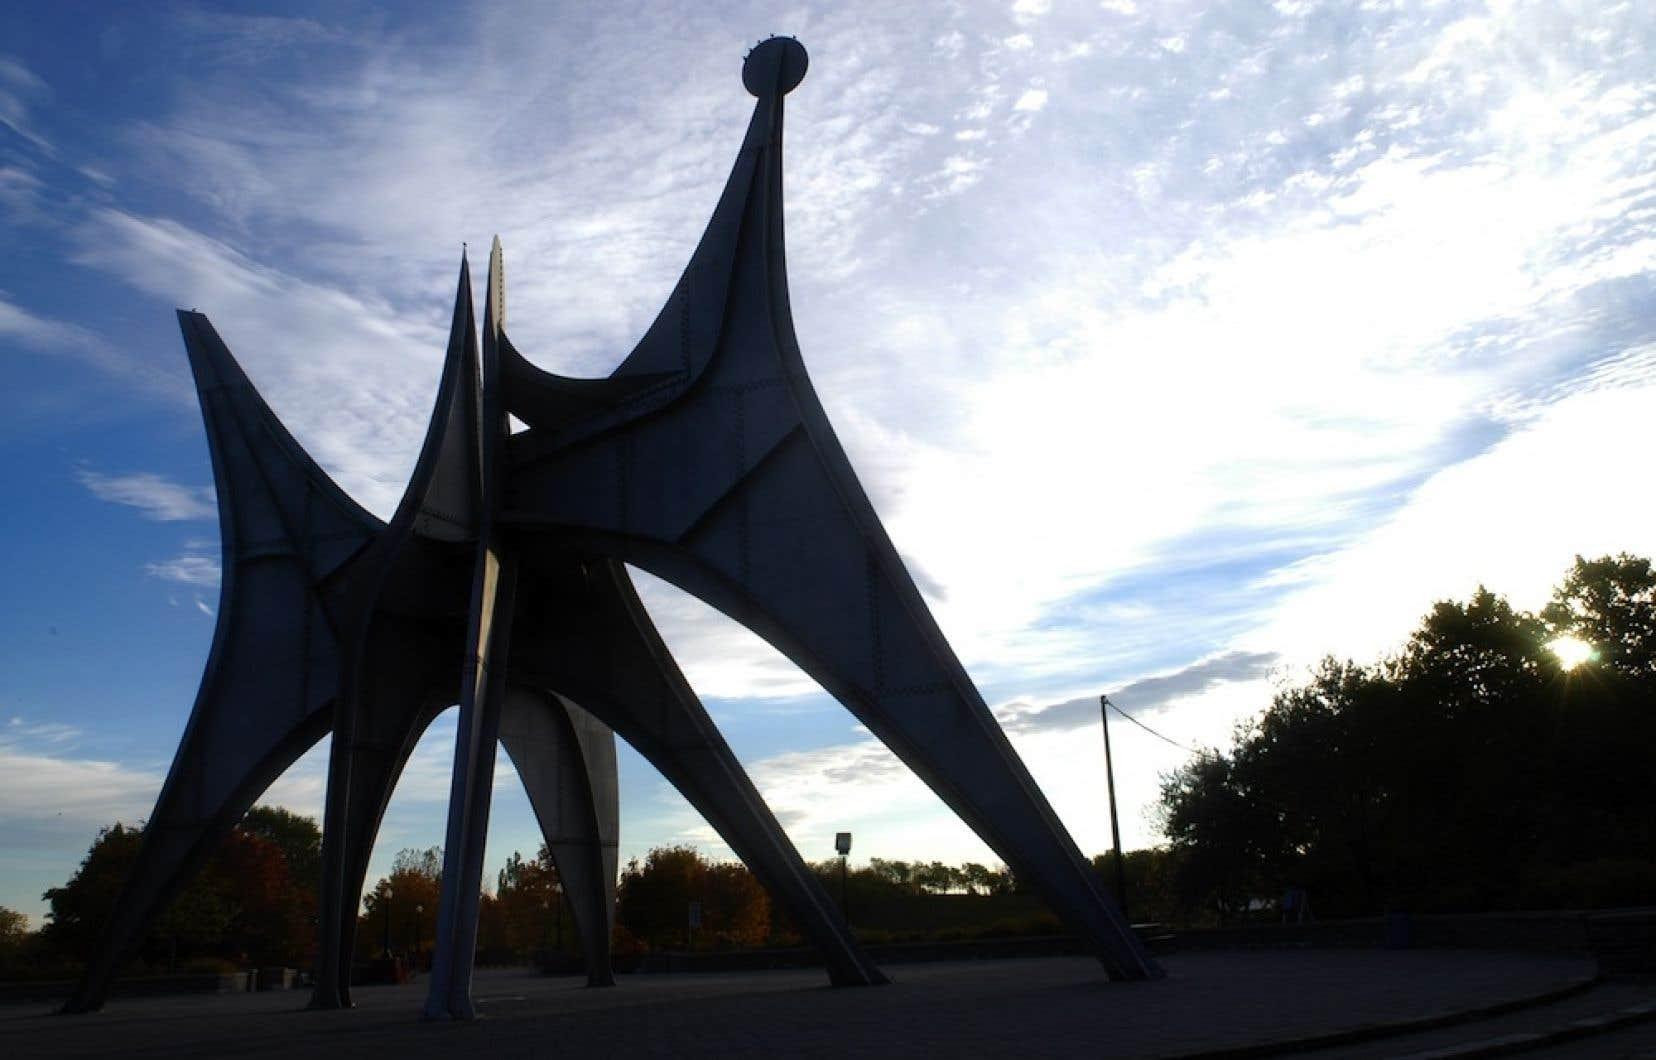 L'idée de déplacer la monumentale sculpture L'homme, d'Alexander Calder, du parc Jean-Drapeau vers le centre-ville de Montréal continue de faire débat.